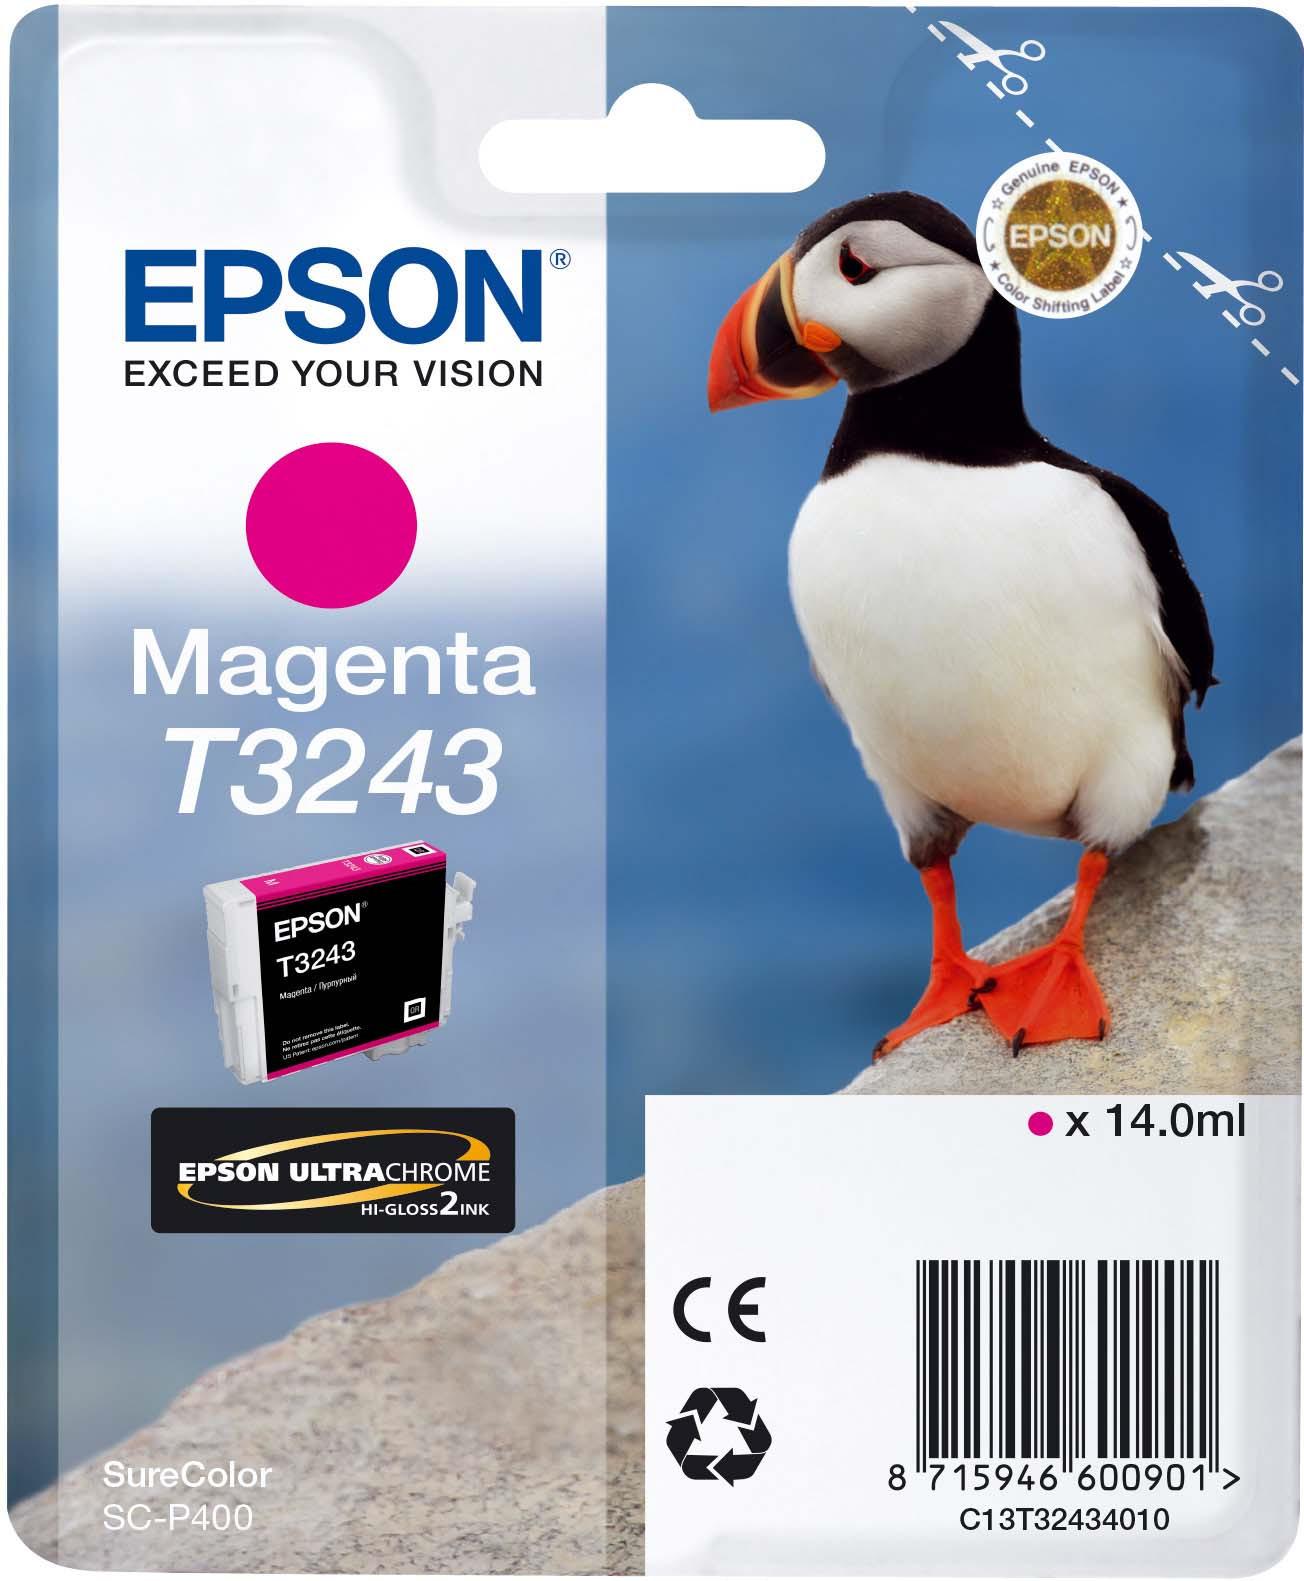 Картридж Epson C13T32434010 Magenta для принтеров Epson SC-P400, пурпурный